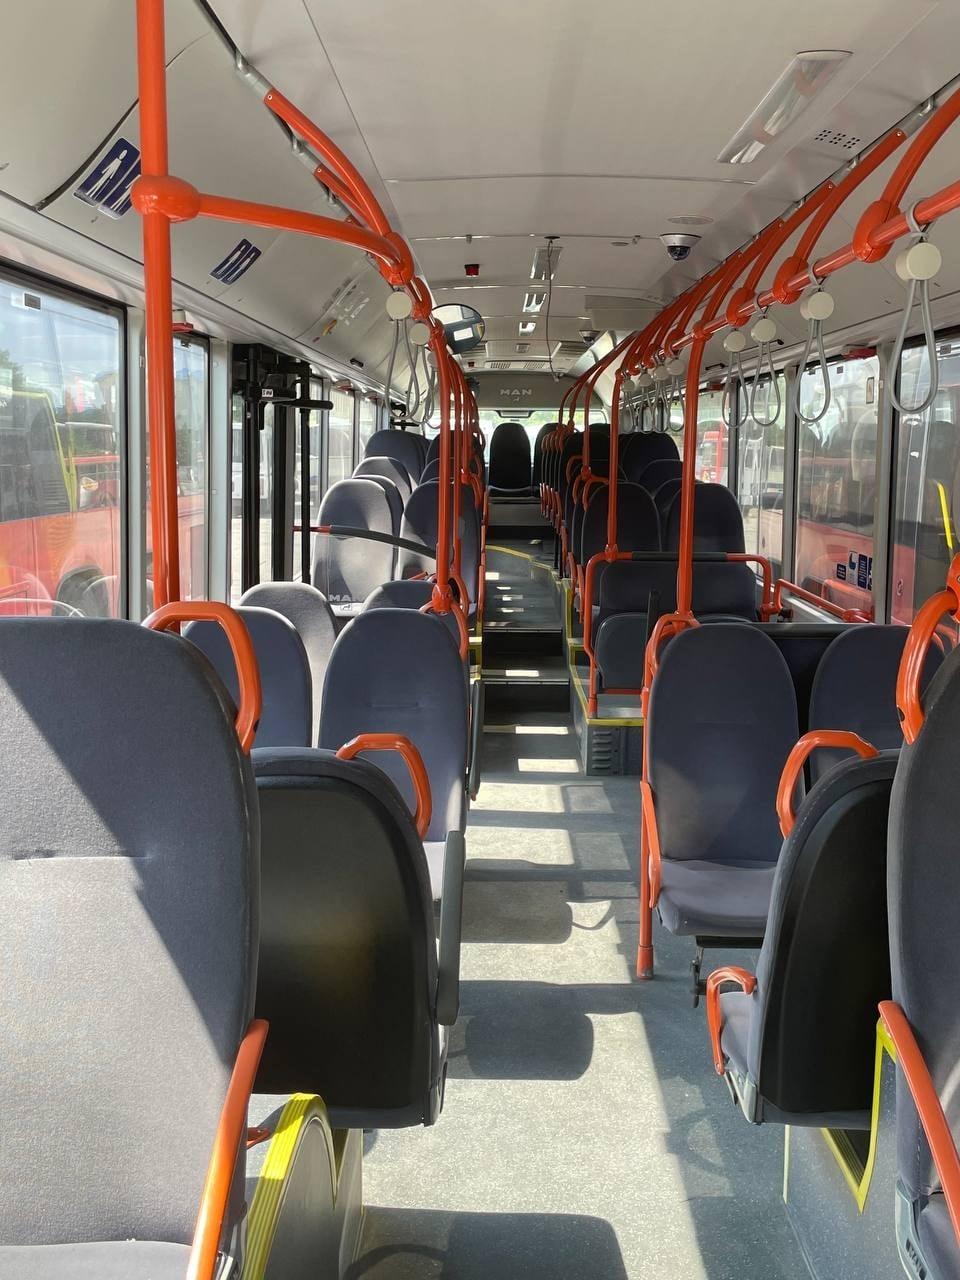 ВКишинев доставили семь автобусов, купленных вНорвегии (ФОТО)